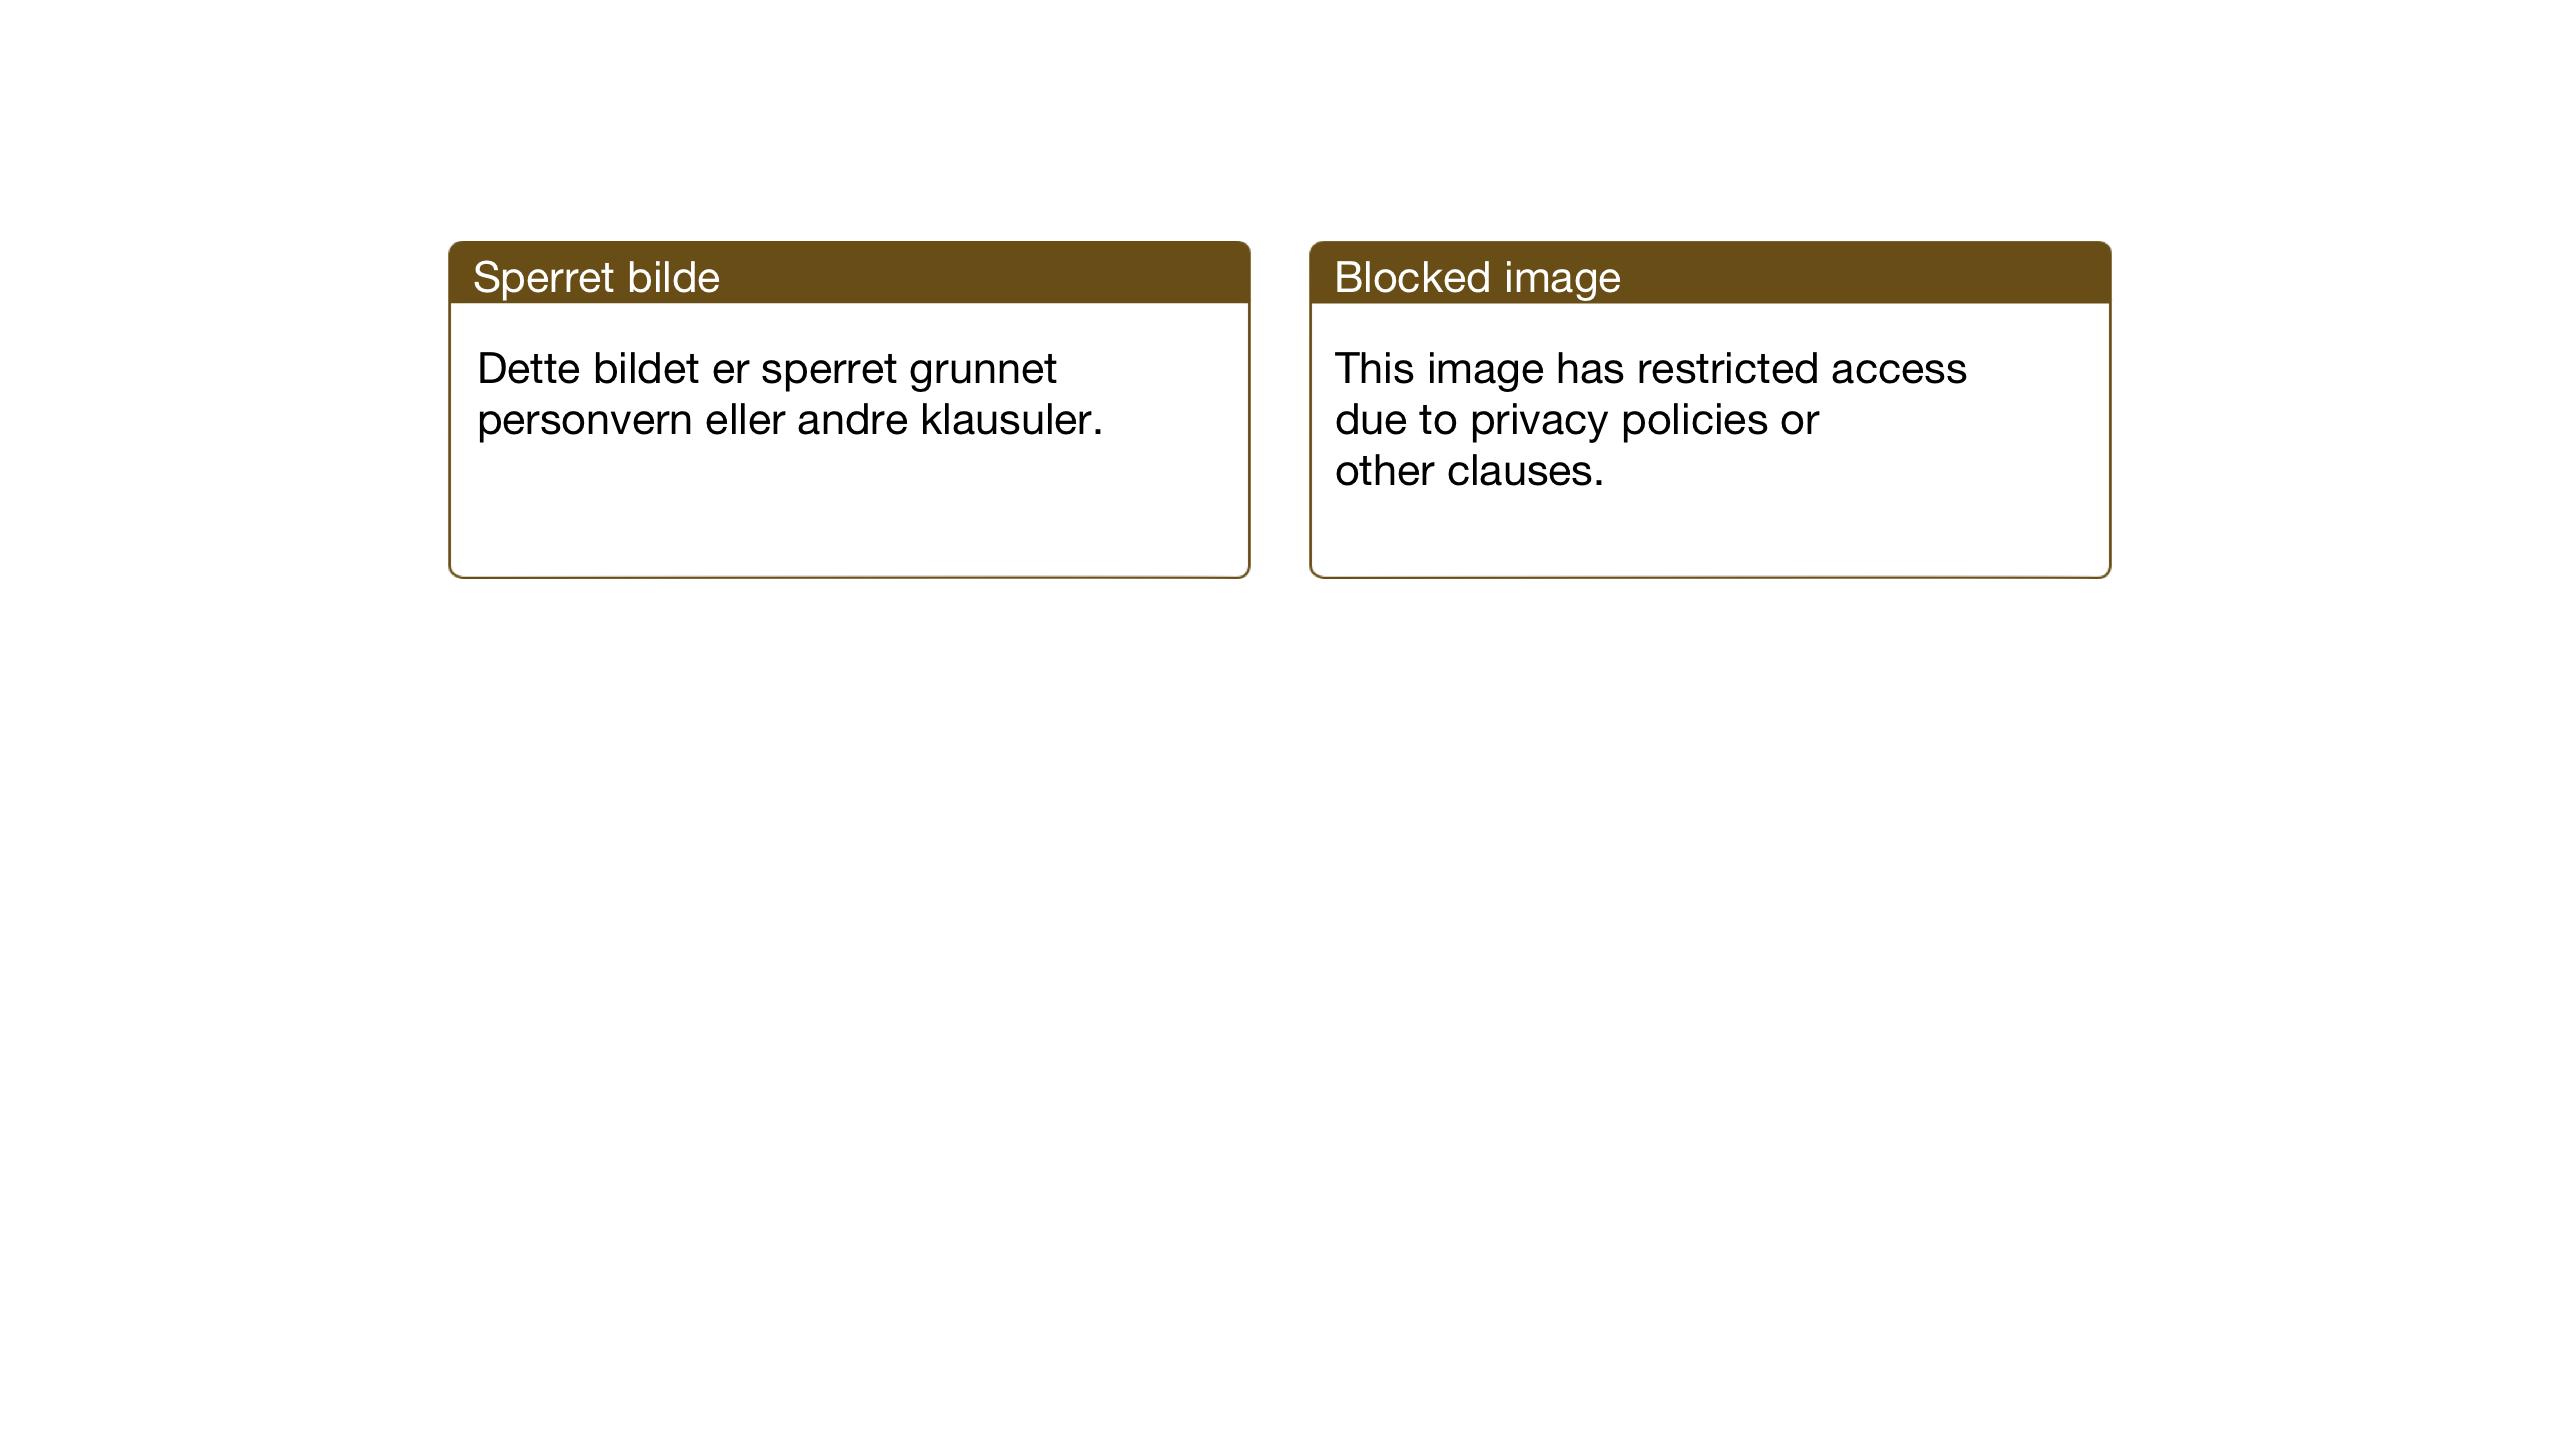 SAT, Ministerialprotokoller, klokkerbøker og fødselsregistre - Nord-Trøndelag, 780/L0654: Klokkerbok nr. 780C06, 1928-1942, s. 32